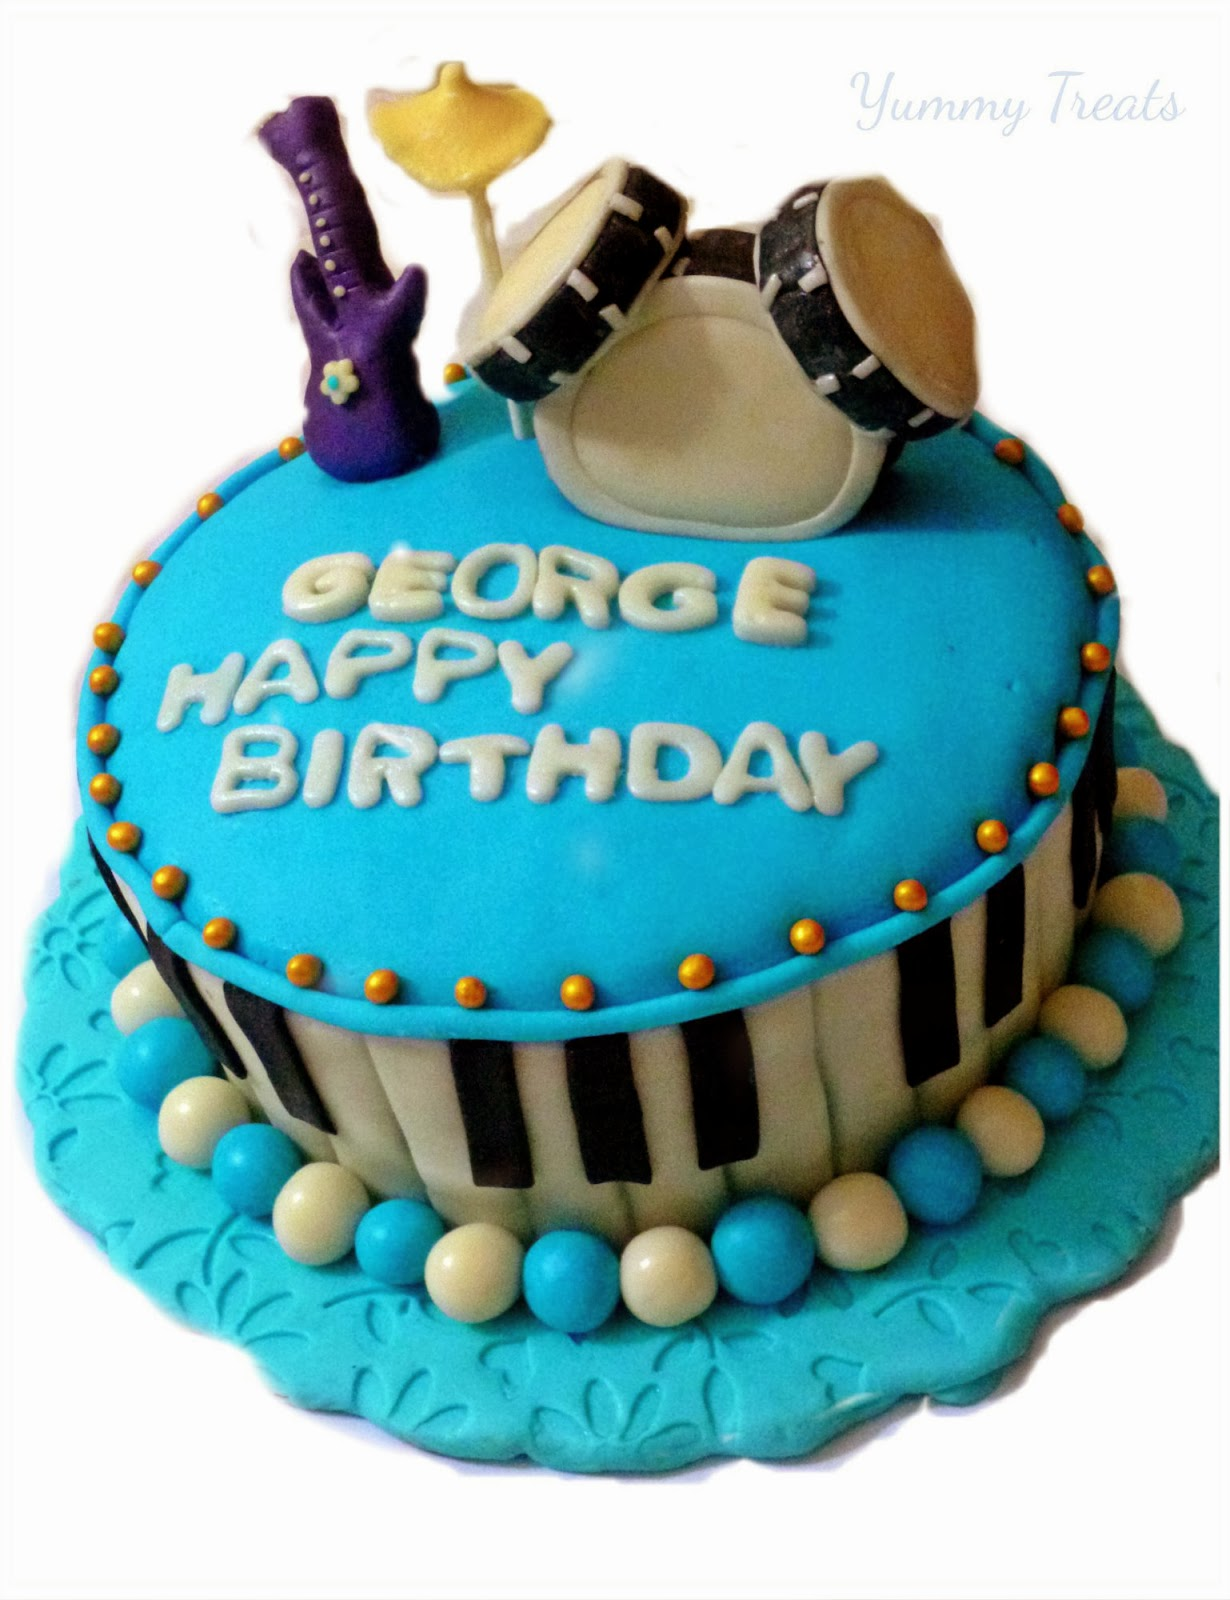 Happy Birthday George Wdwmagic Unofficial Walt Disney